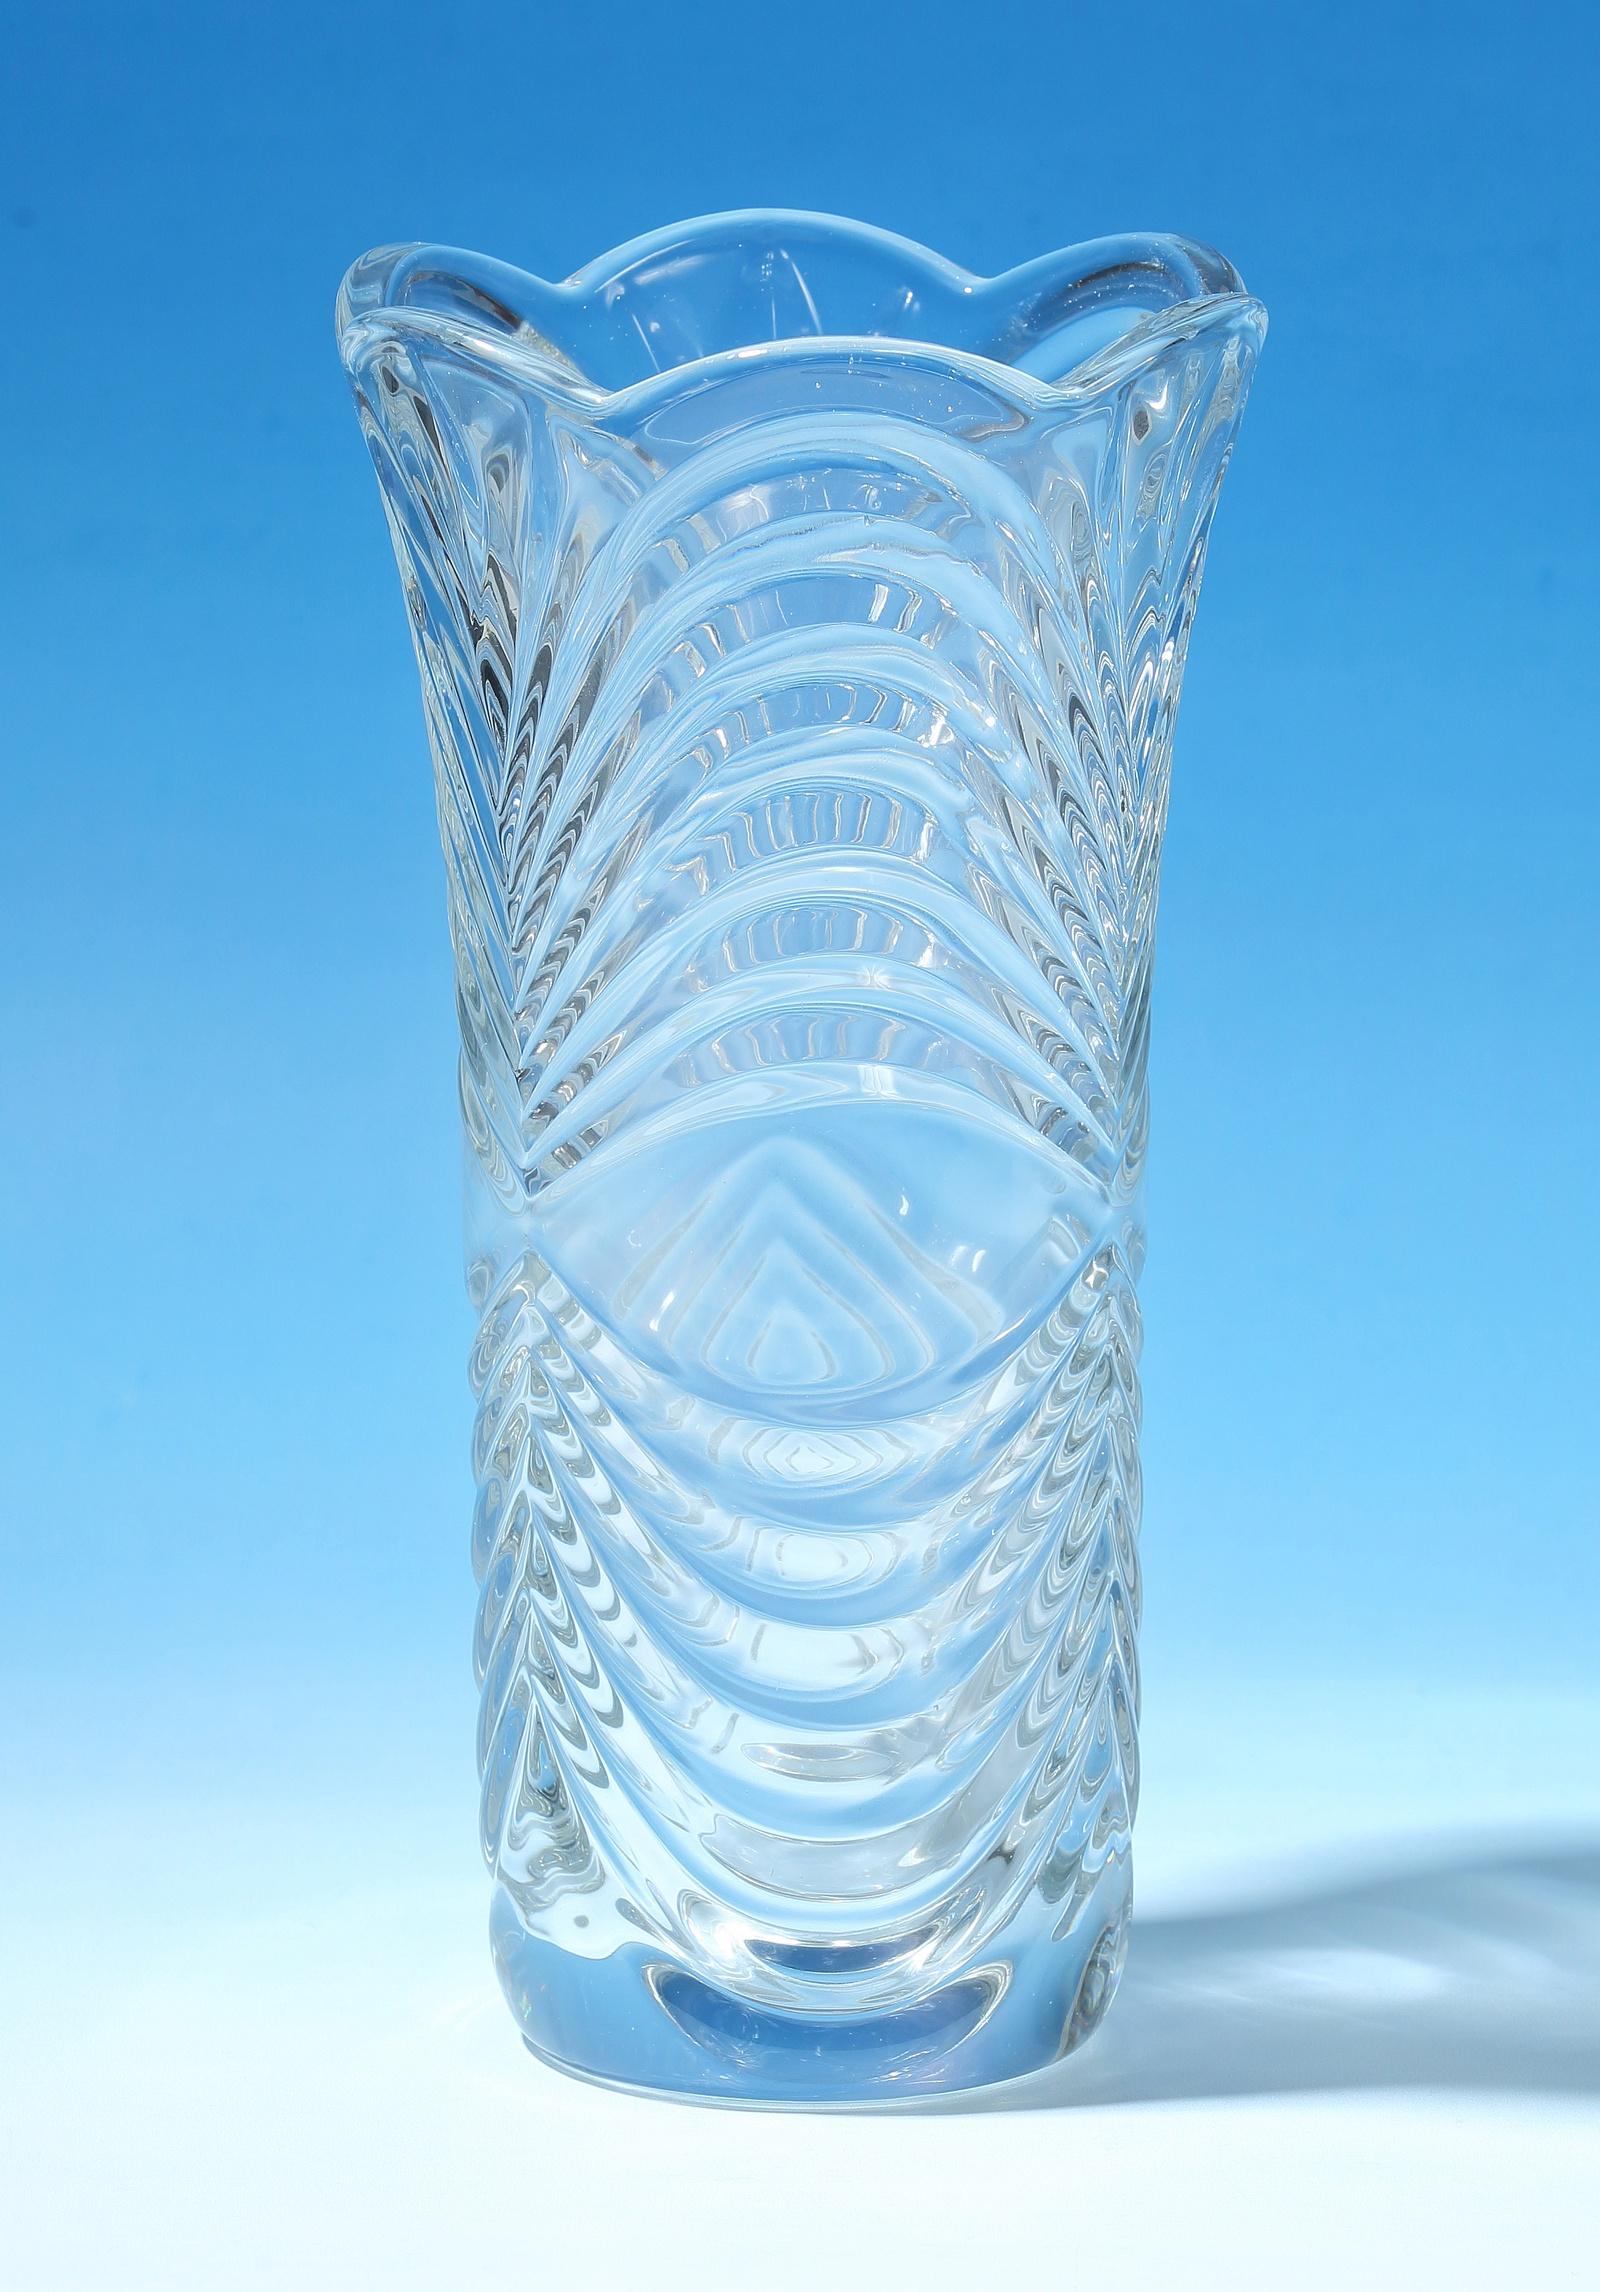 Ваза KC Ваза д/цветов 29,7см (1/8) KC XMHP-0430, 333-XMHP-0430, прозрачный ваза мастерпроф летний узор пластичная 1 л